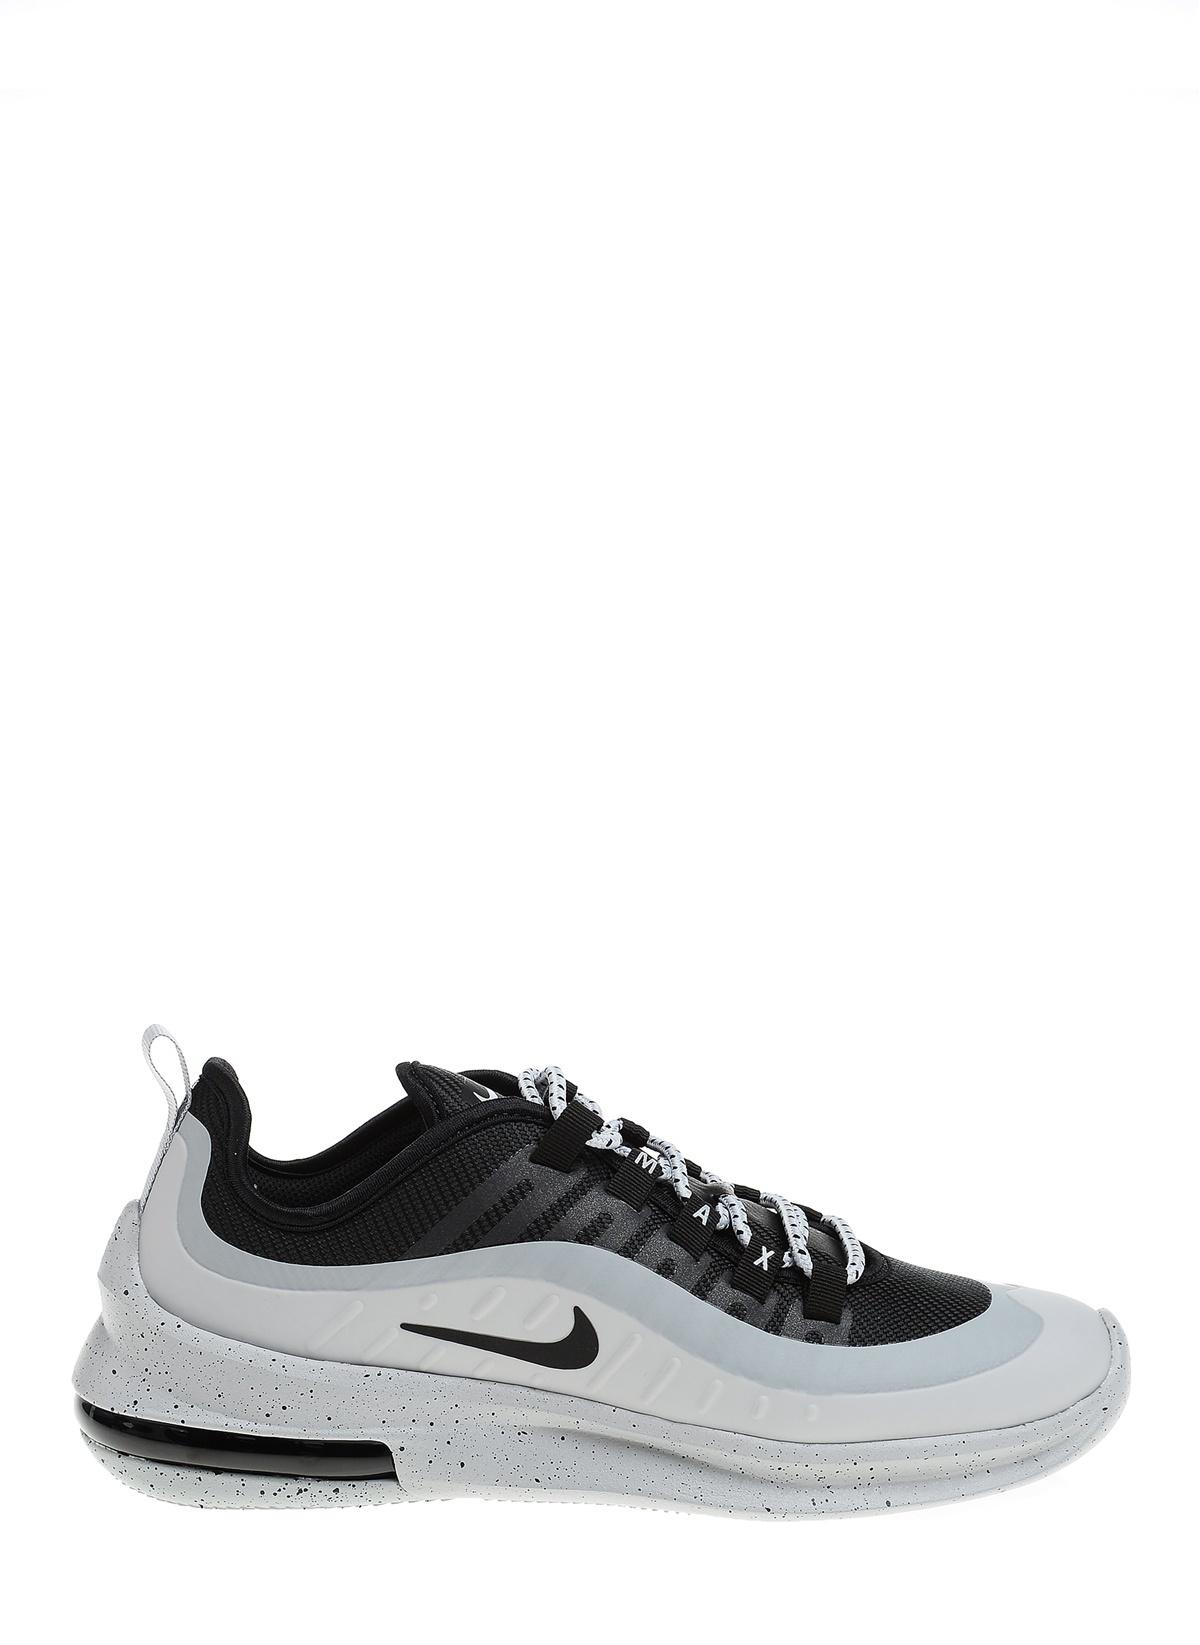 NIKE AIR MAX Axis Gr.42,5 Sneaker weiß BQ0126 102 Running